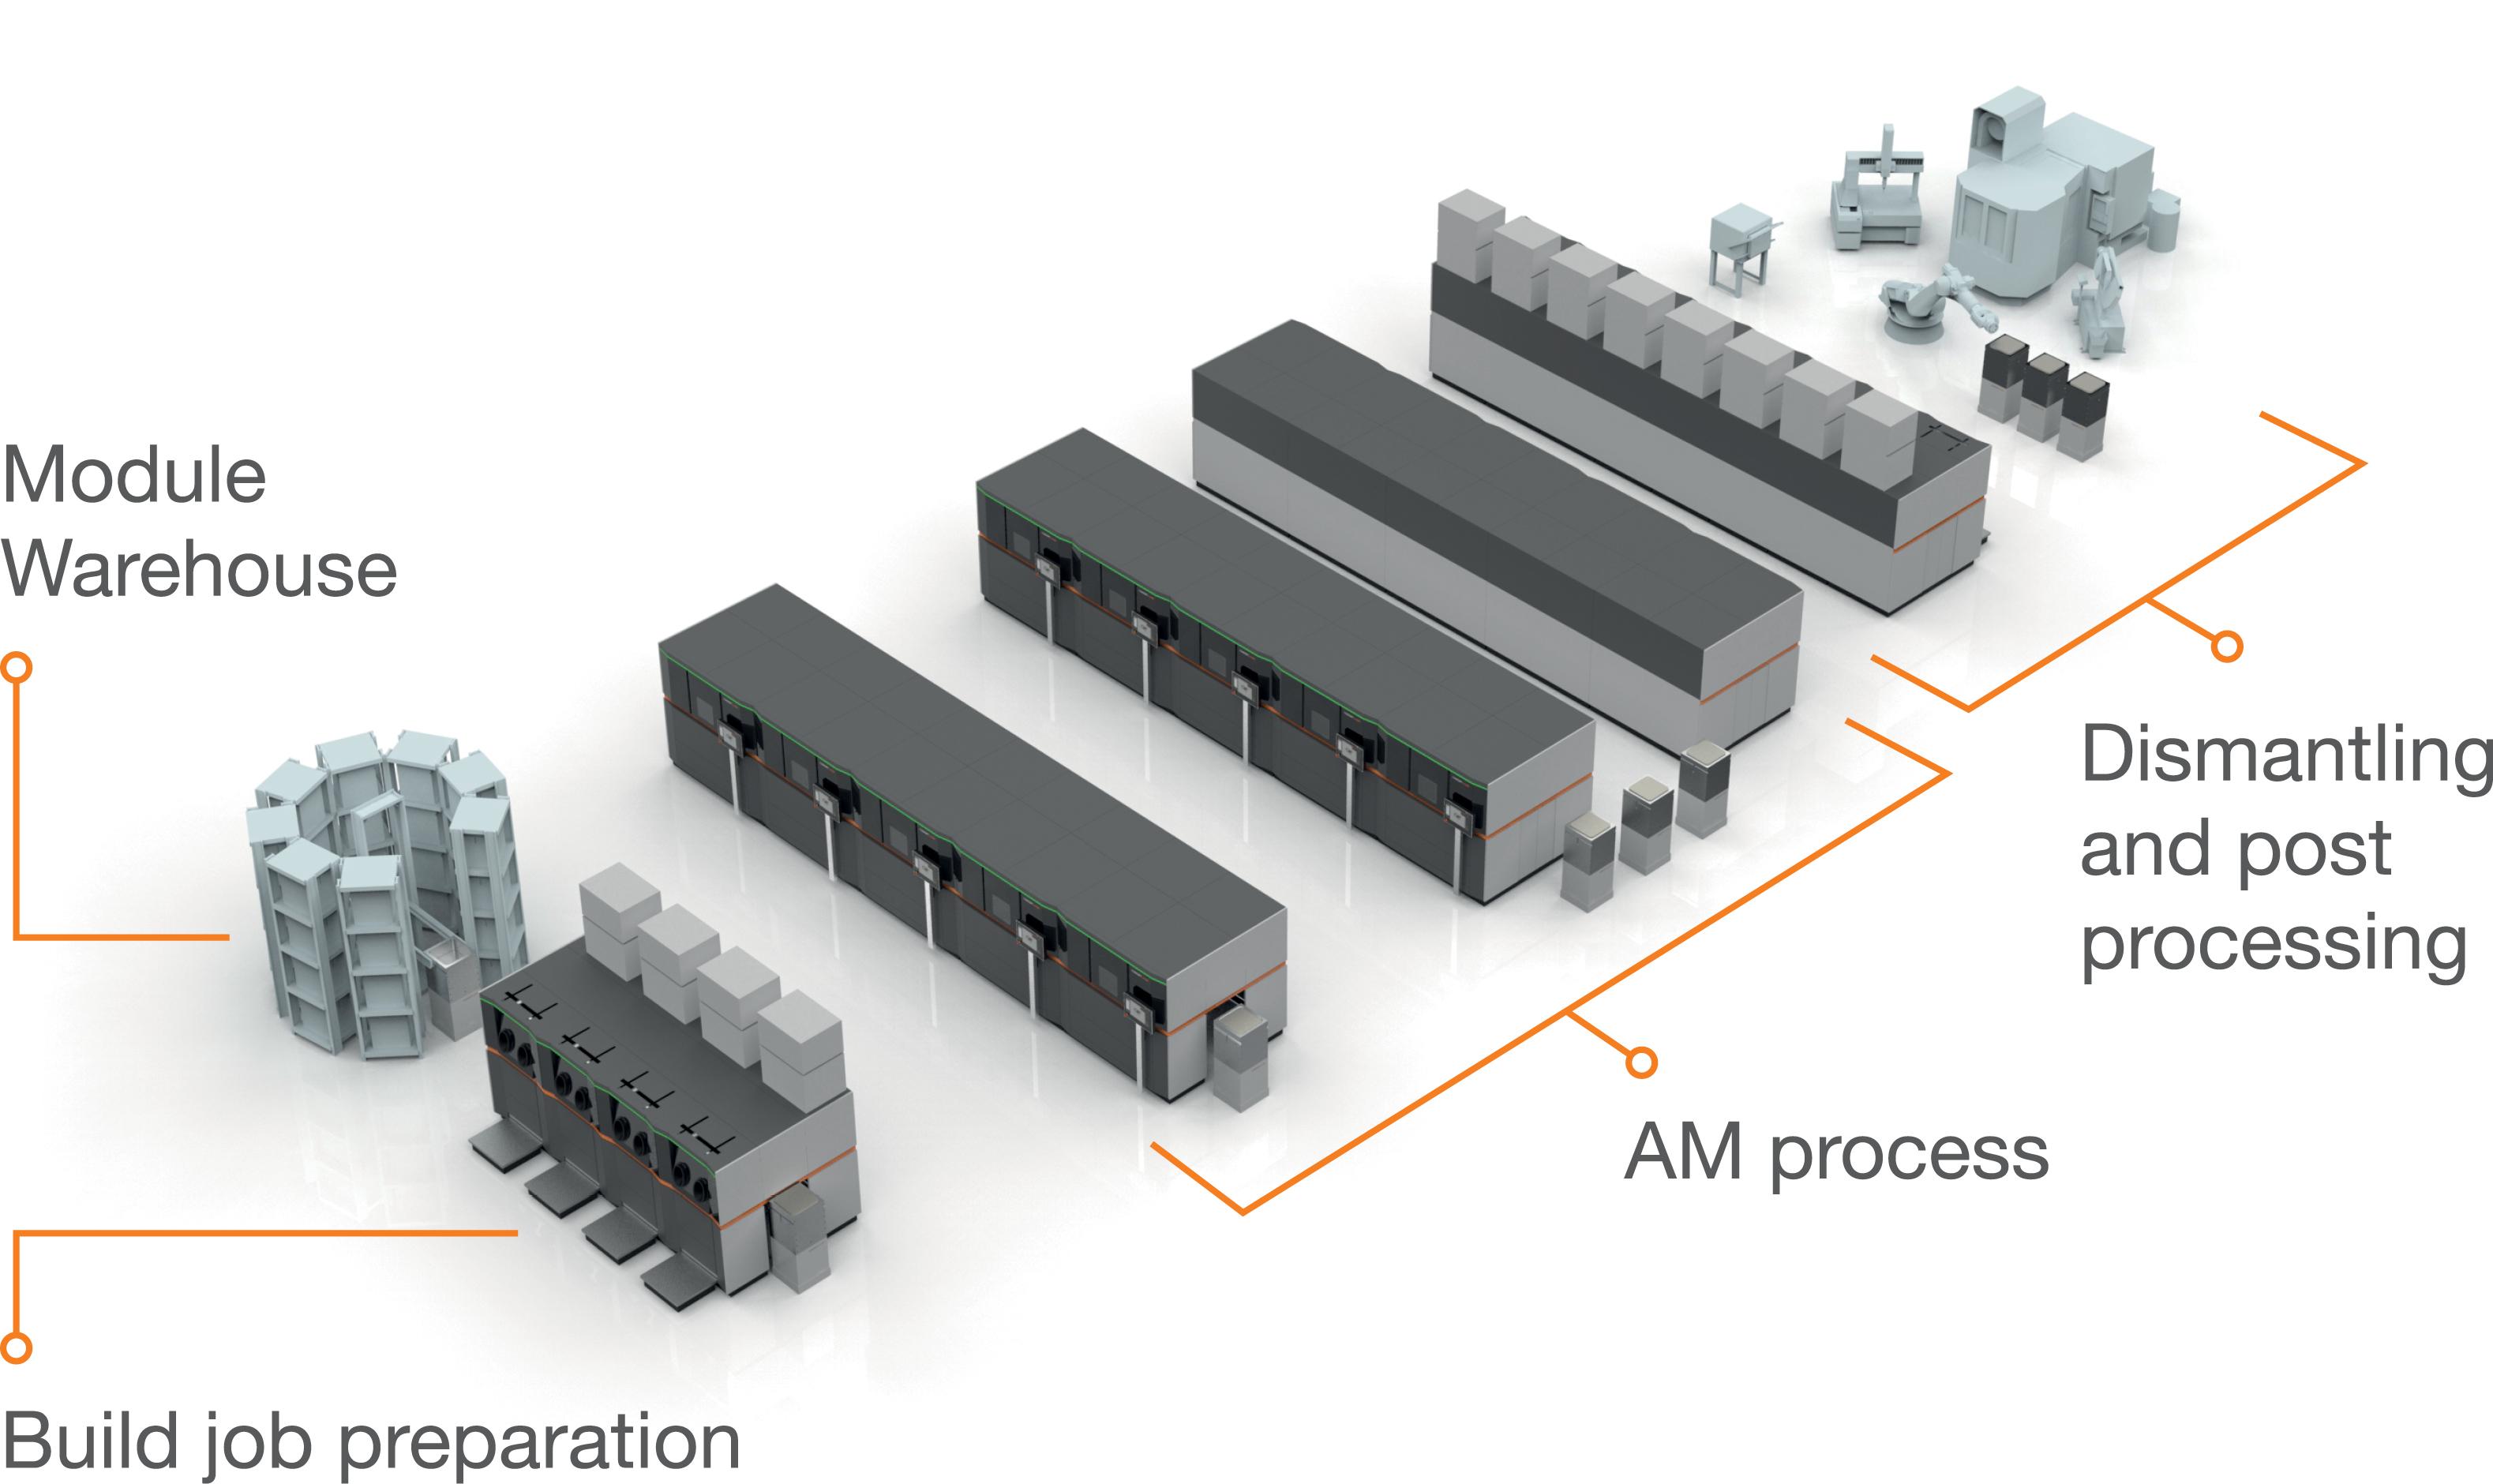 """Verkettung der """"AM Factory of Tomorrow"""": Die AM-Fabrik der Zukunft soll ein flexibel erweiterbares, hochgradig automatisiertes und zentral steuerbares Meta-Produktionssystem sein, welches sich maximal an den Produktionsaufgaben ausrichtet, Bild: Concept Laser"""